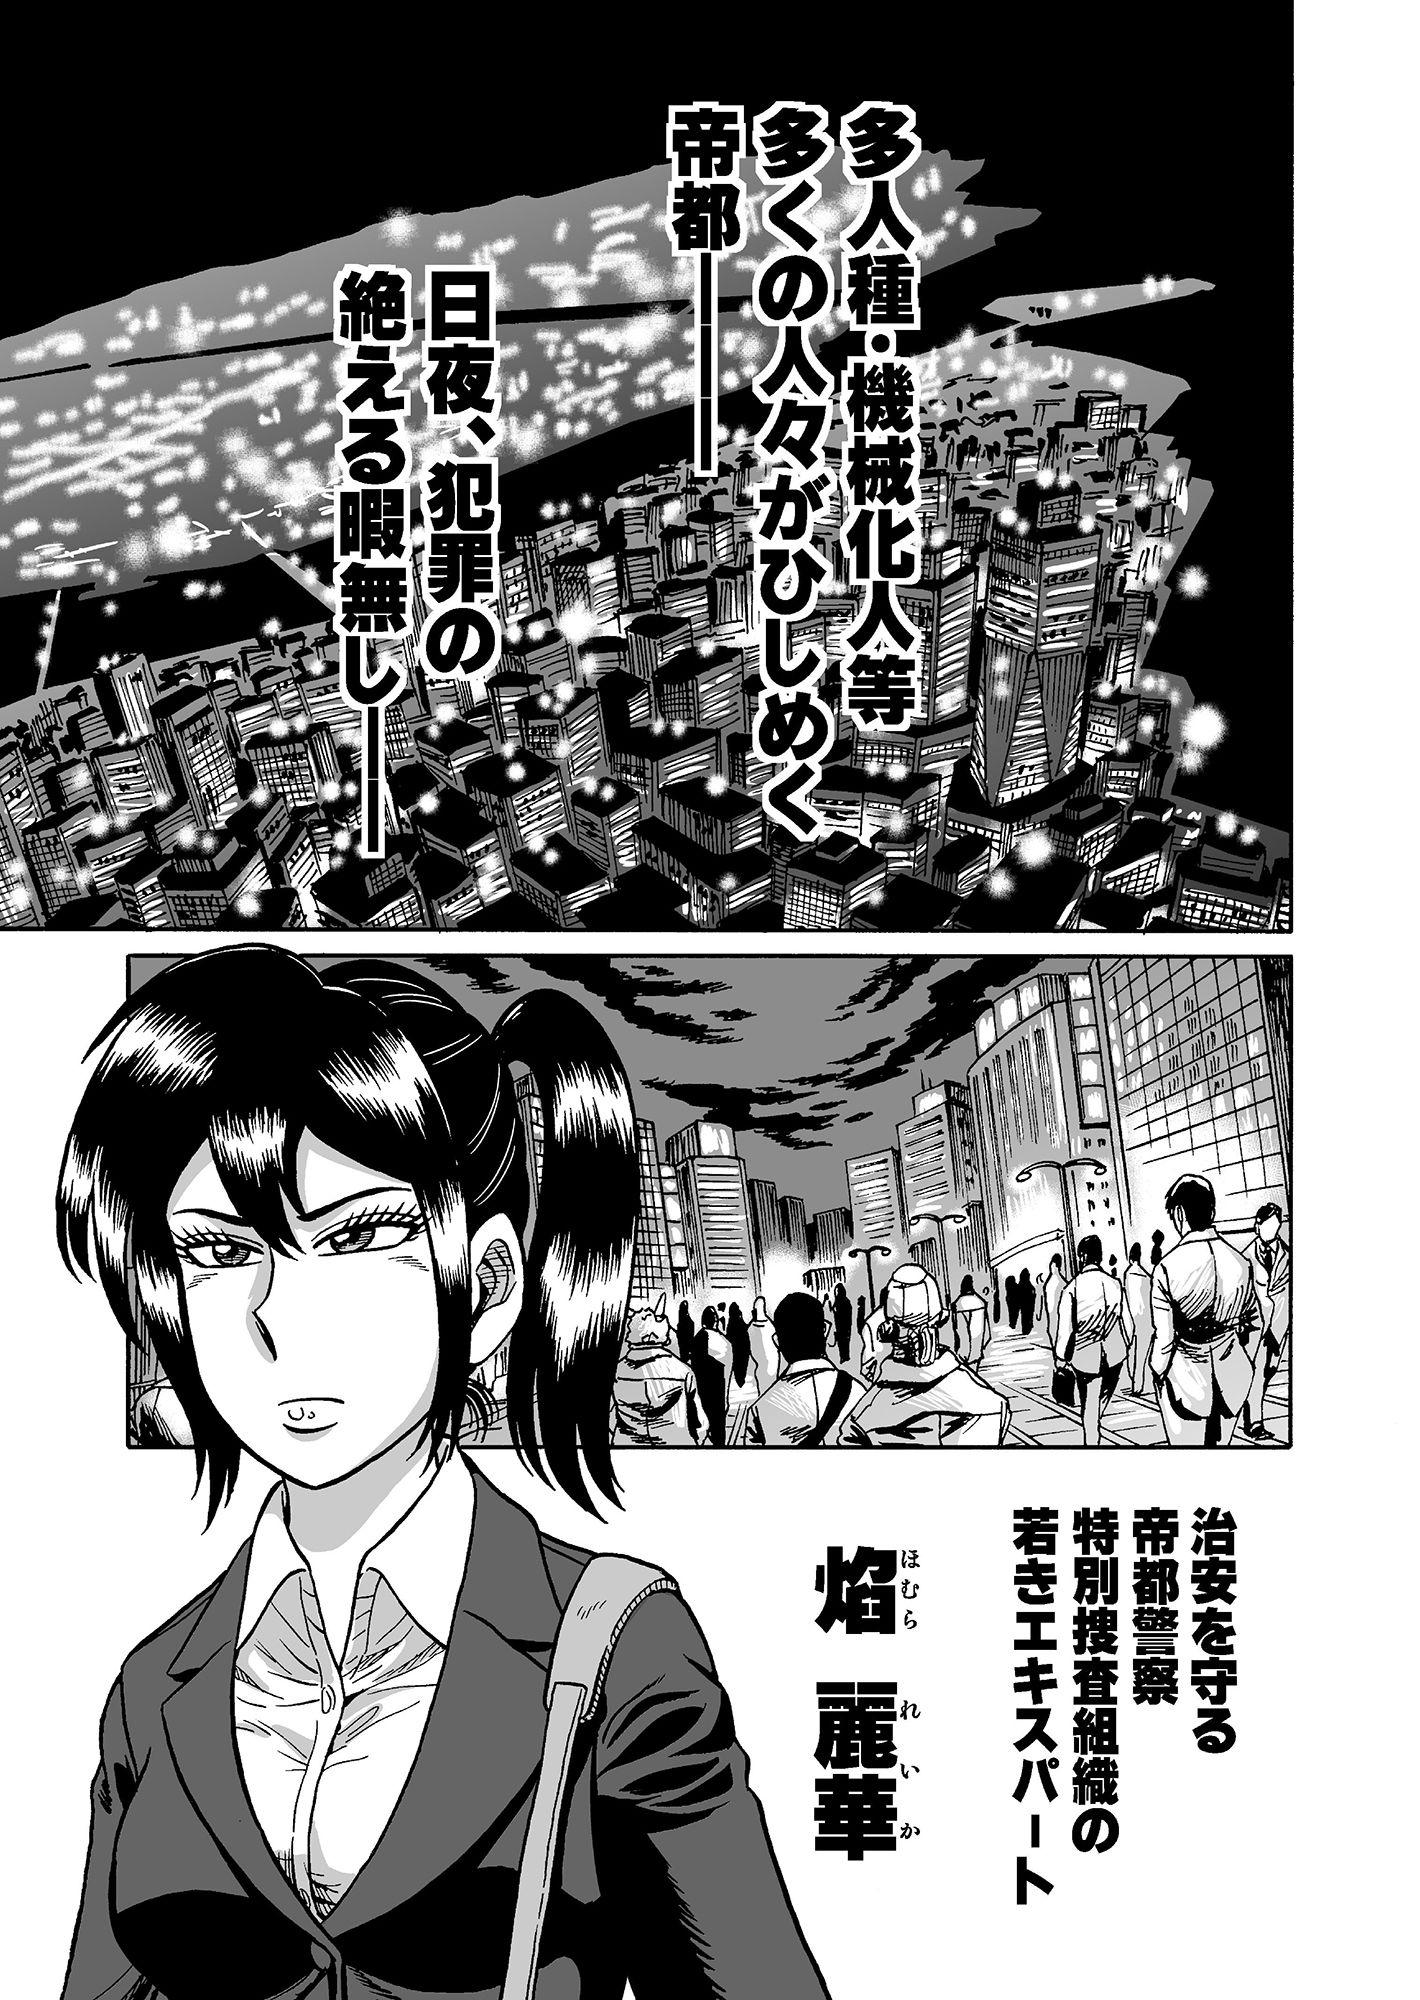 【焔 同人】艶姿捜査姦(2)屈辱!真夜中の生贄